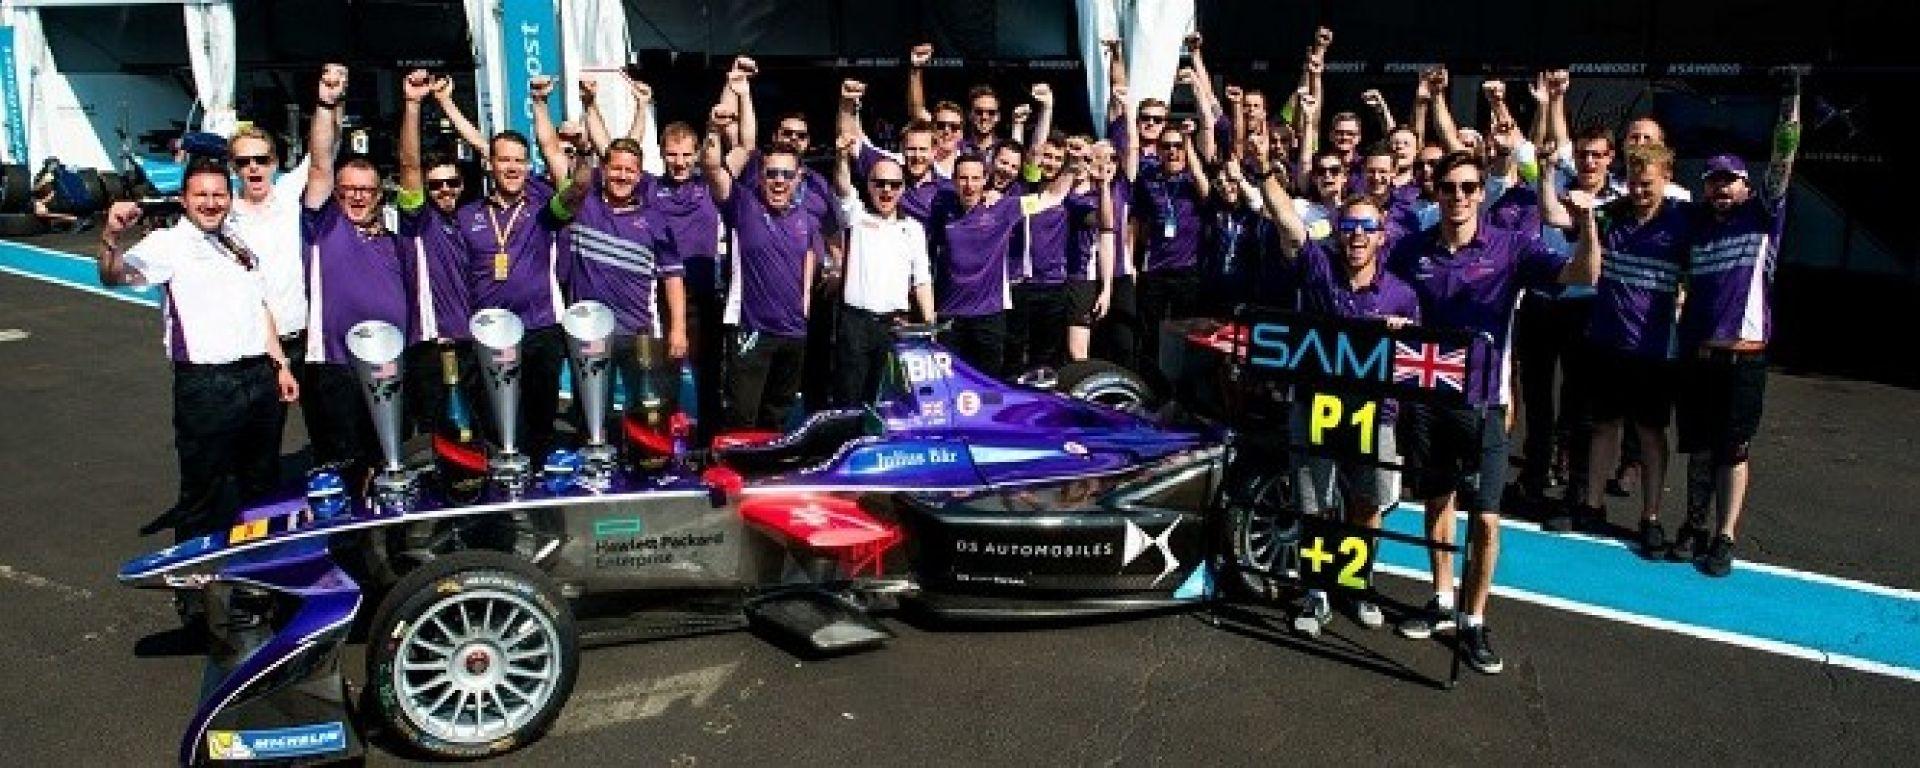 Il team DS Virgin al completo nell'ePrix del Marocco